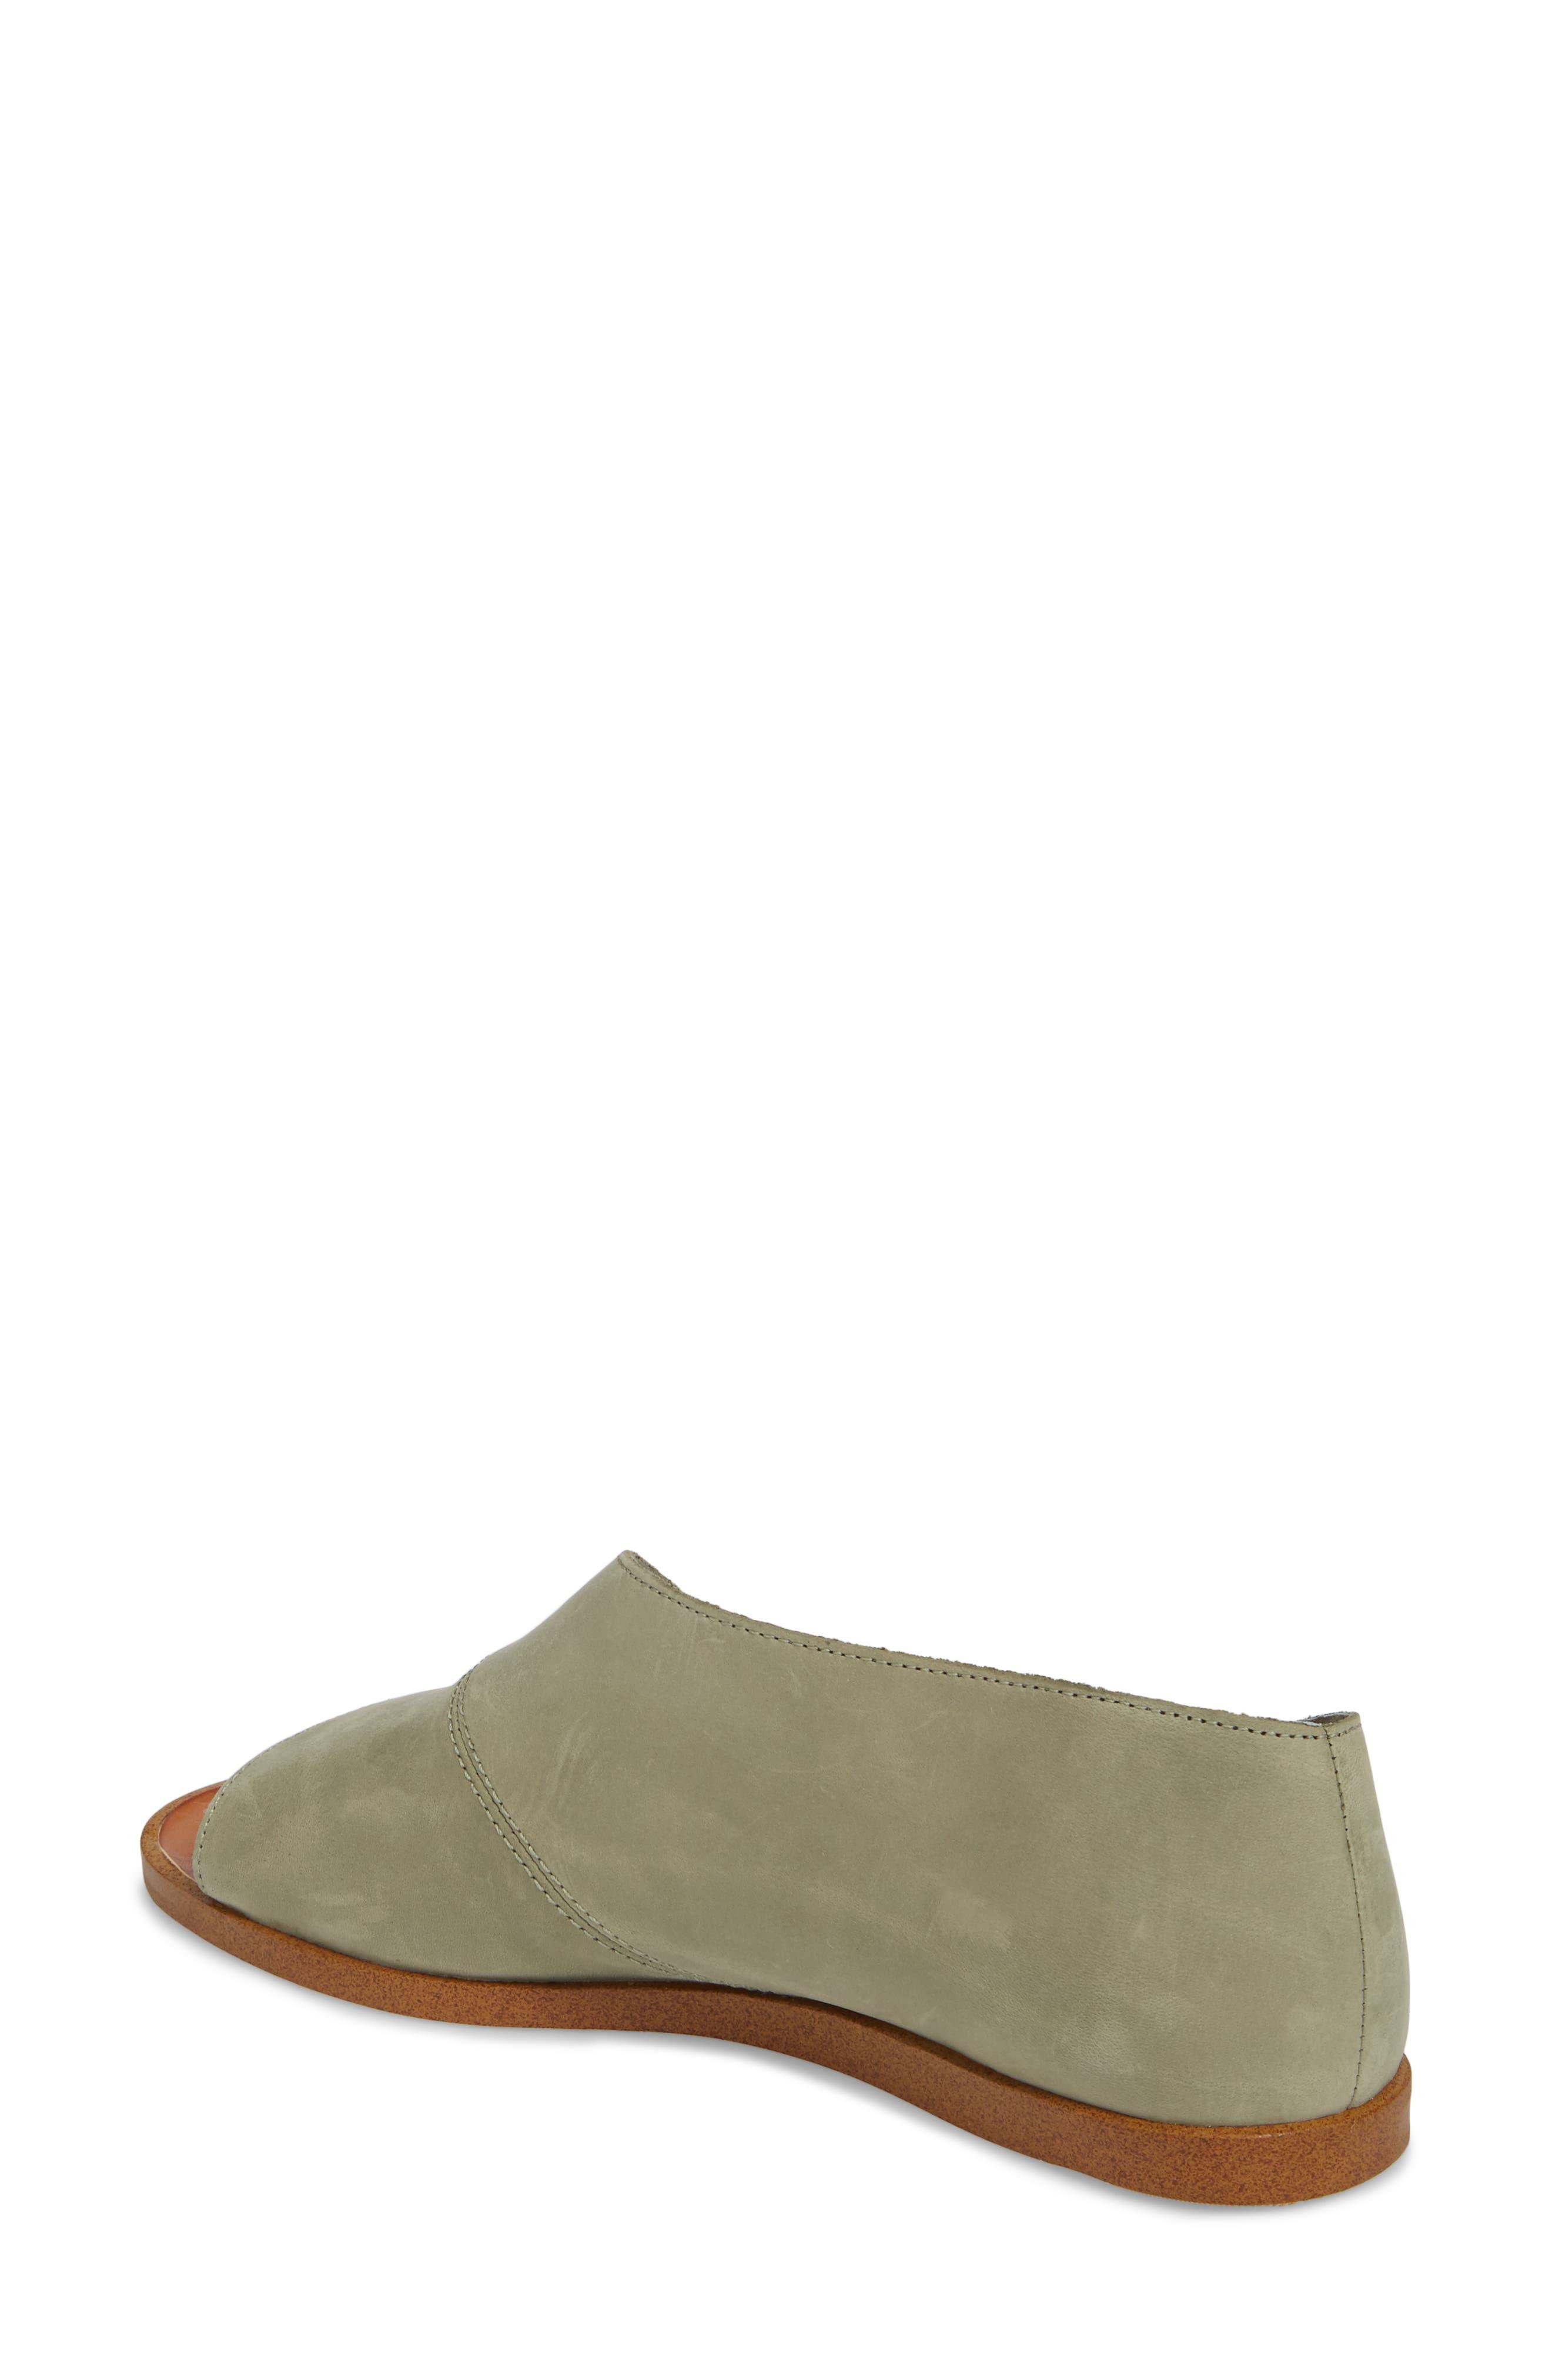 Celvin Sandal,                             Alternate thumbnail 2, color,                             Nettle Leather